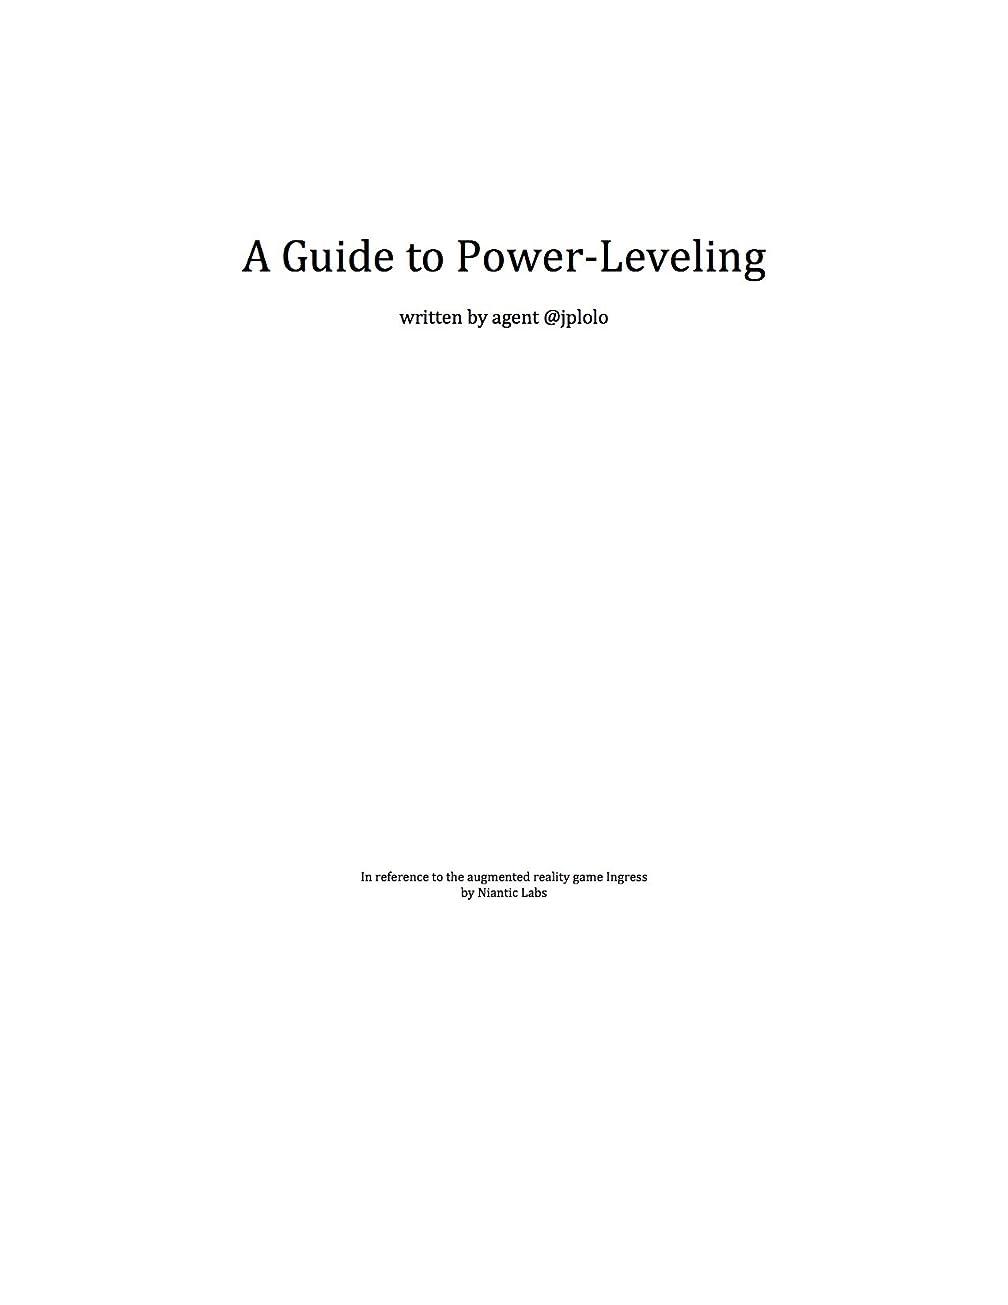 熟達緩むぞっとするようなA Guide to Power Leveling: In Reference to the Augmented Reality Game Ingress, by Niantic Labs (English Edition)